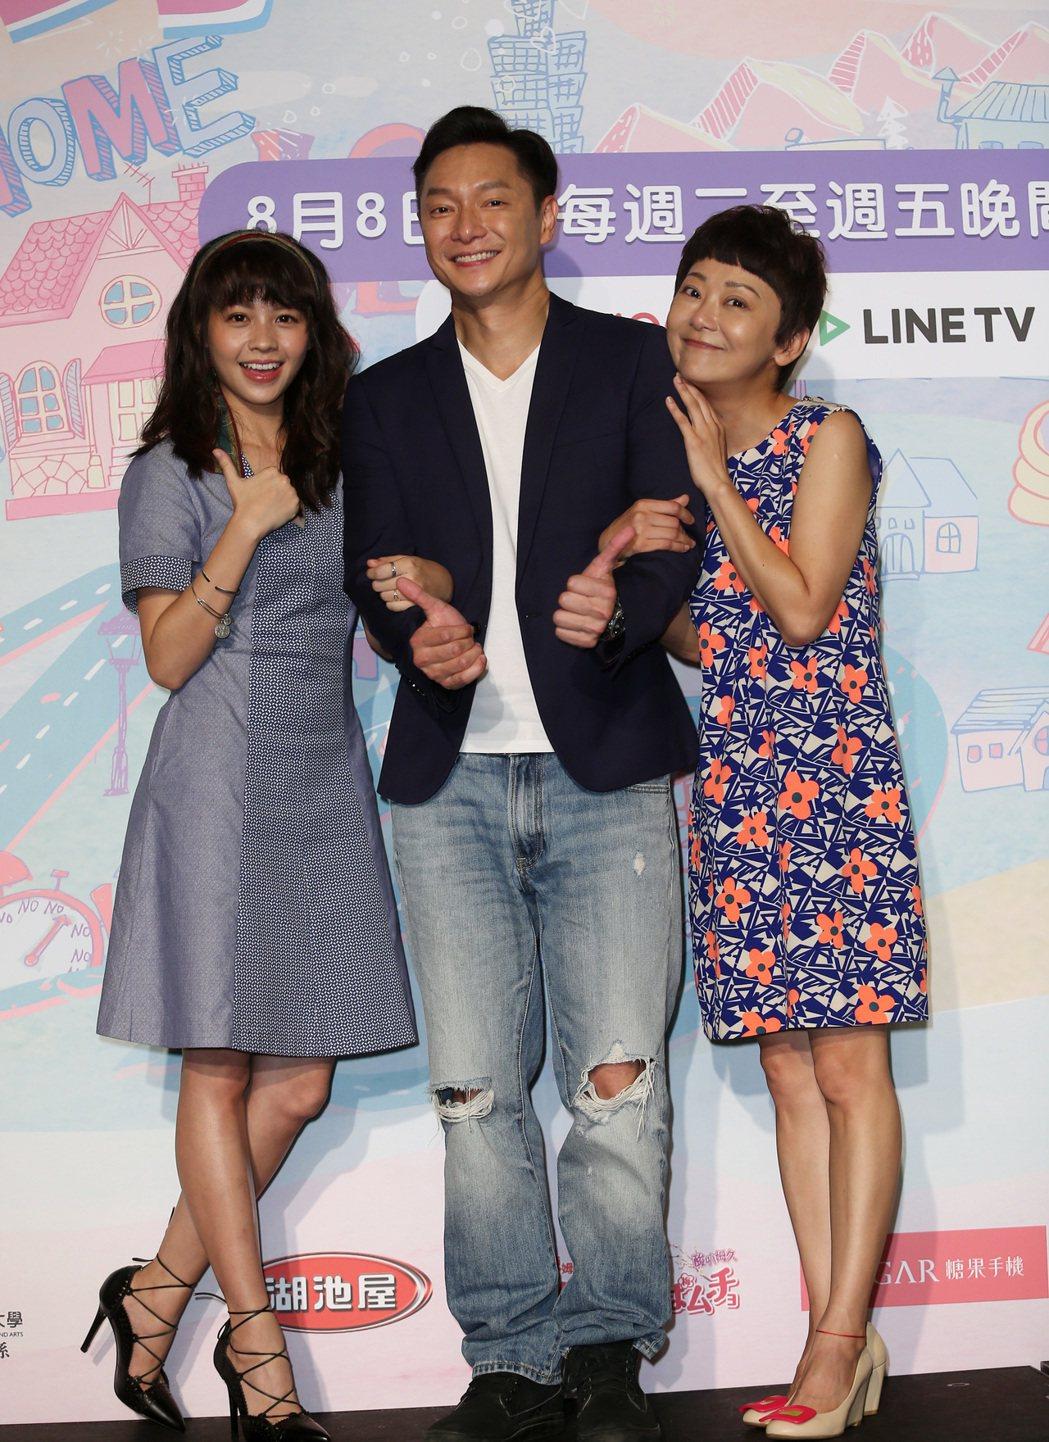 CHOCO TV自製劇《老爸上身》首映記者會,謝祖武(中)、曹蘭(右)、黃姵嘉(...